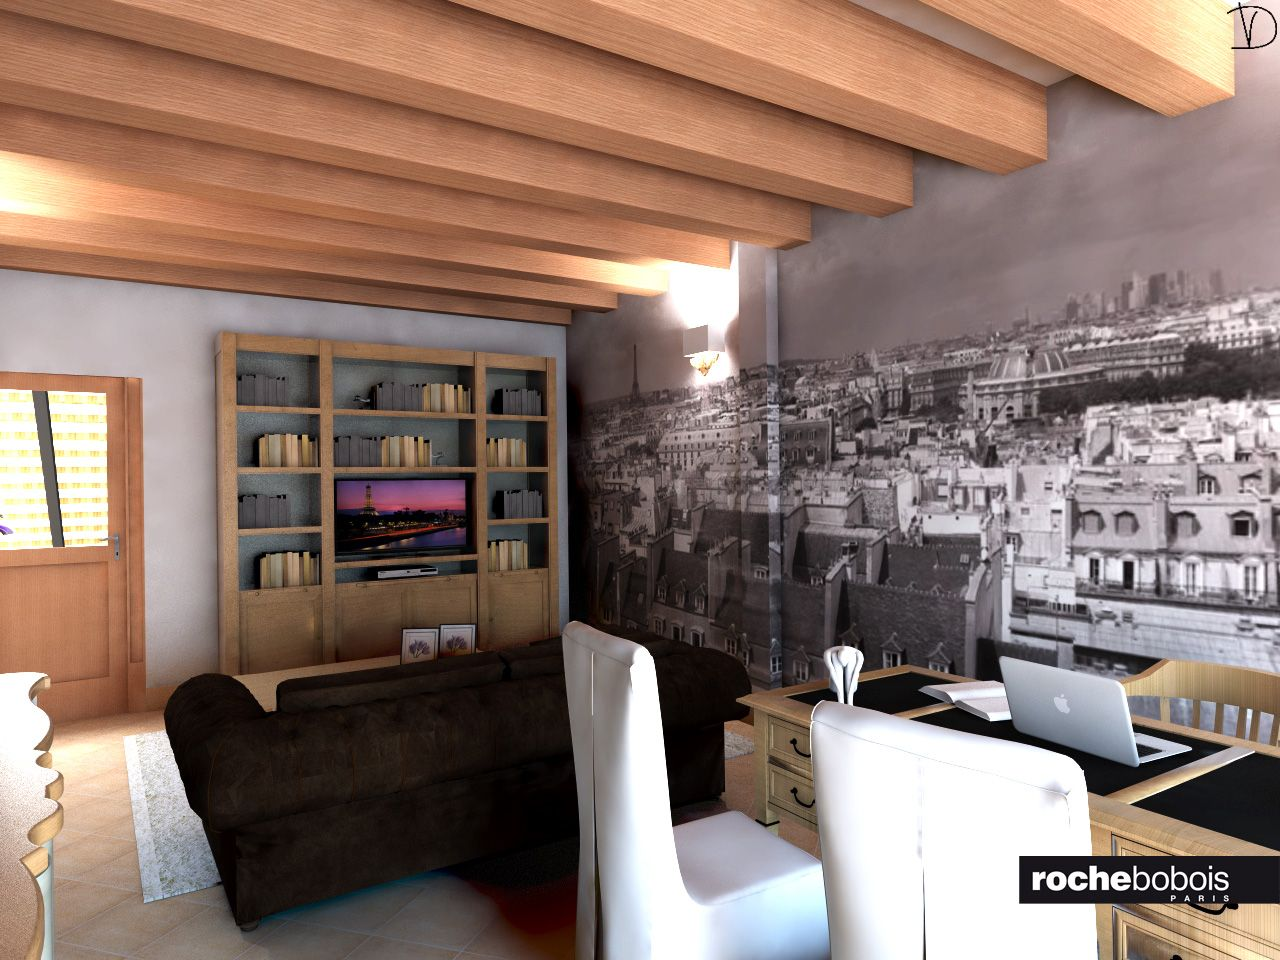 Zona studio conversazione divano maestro scrivania for Scrivania con libreria ikea